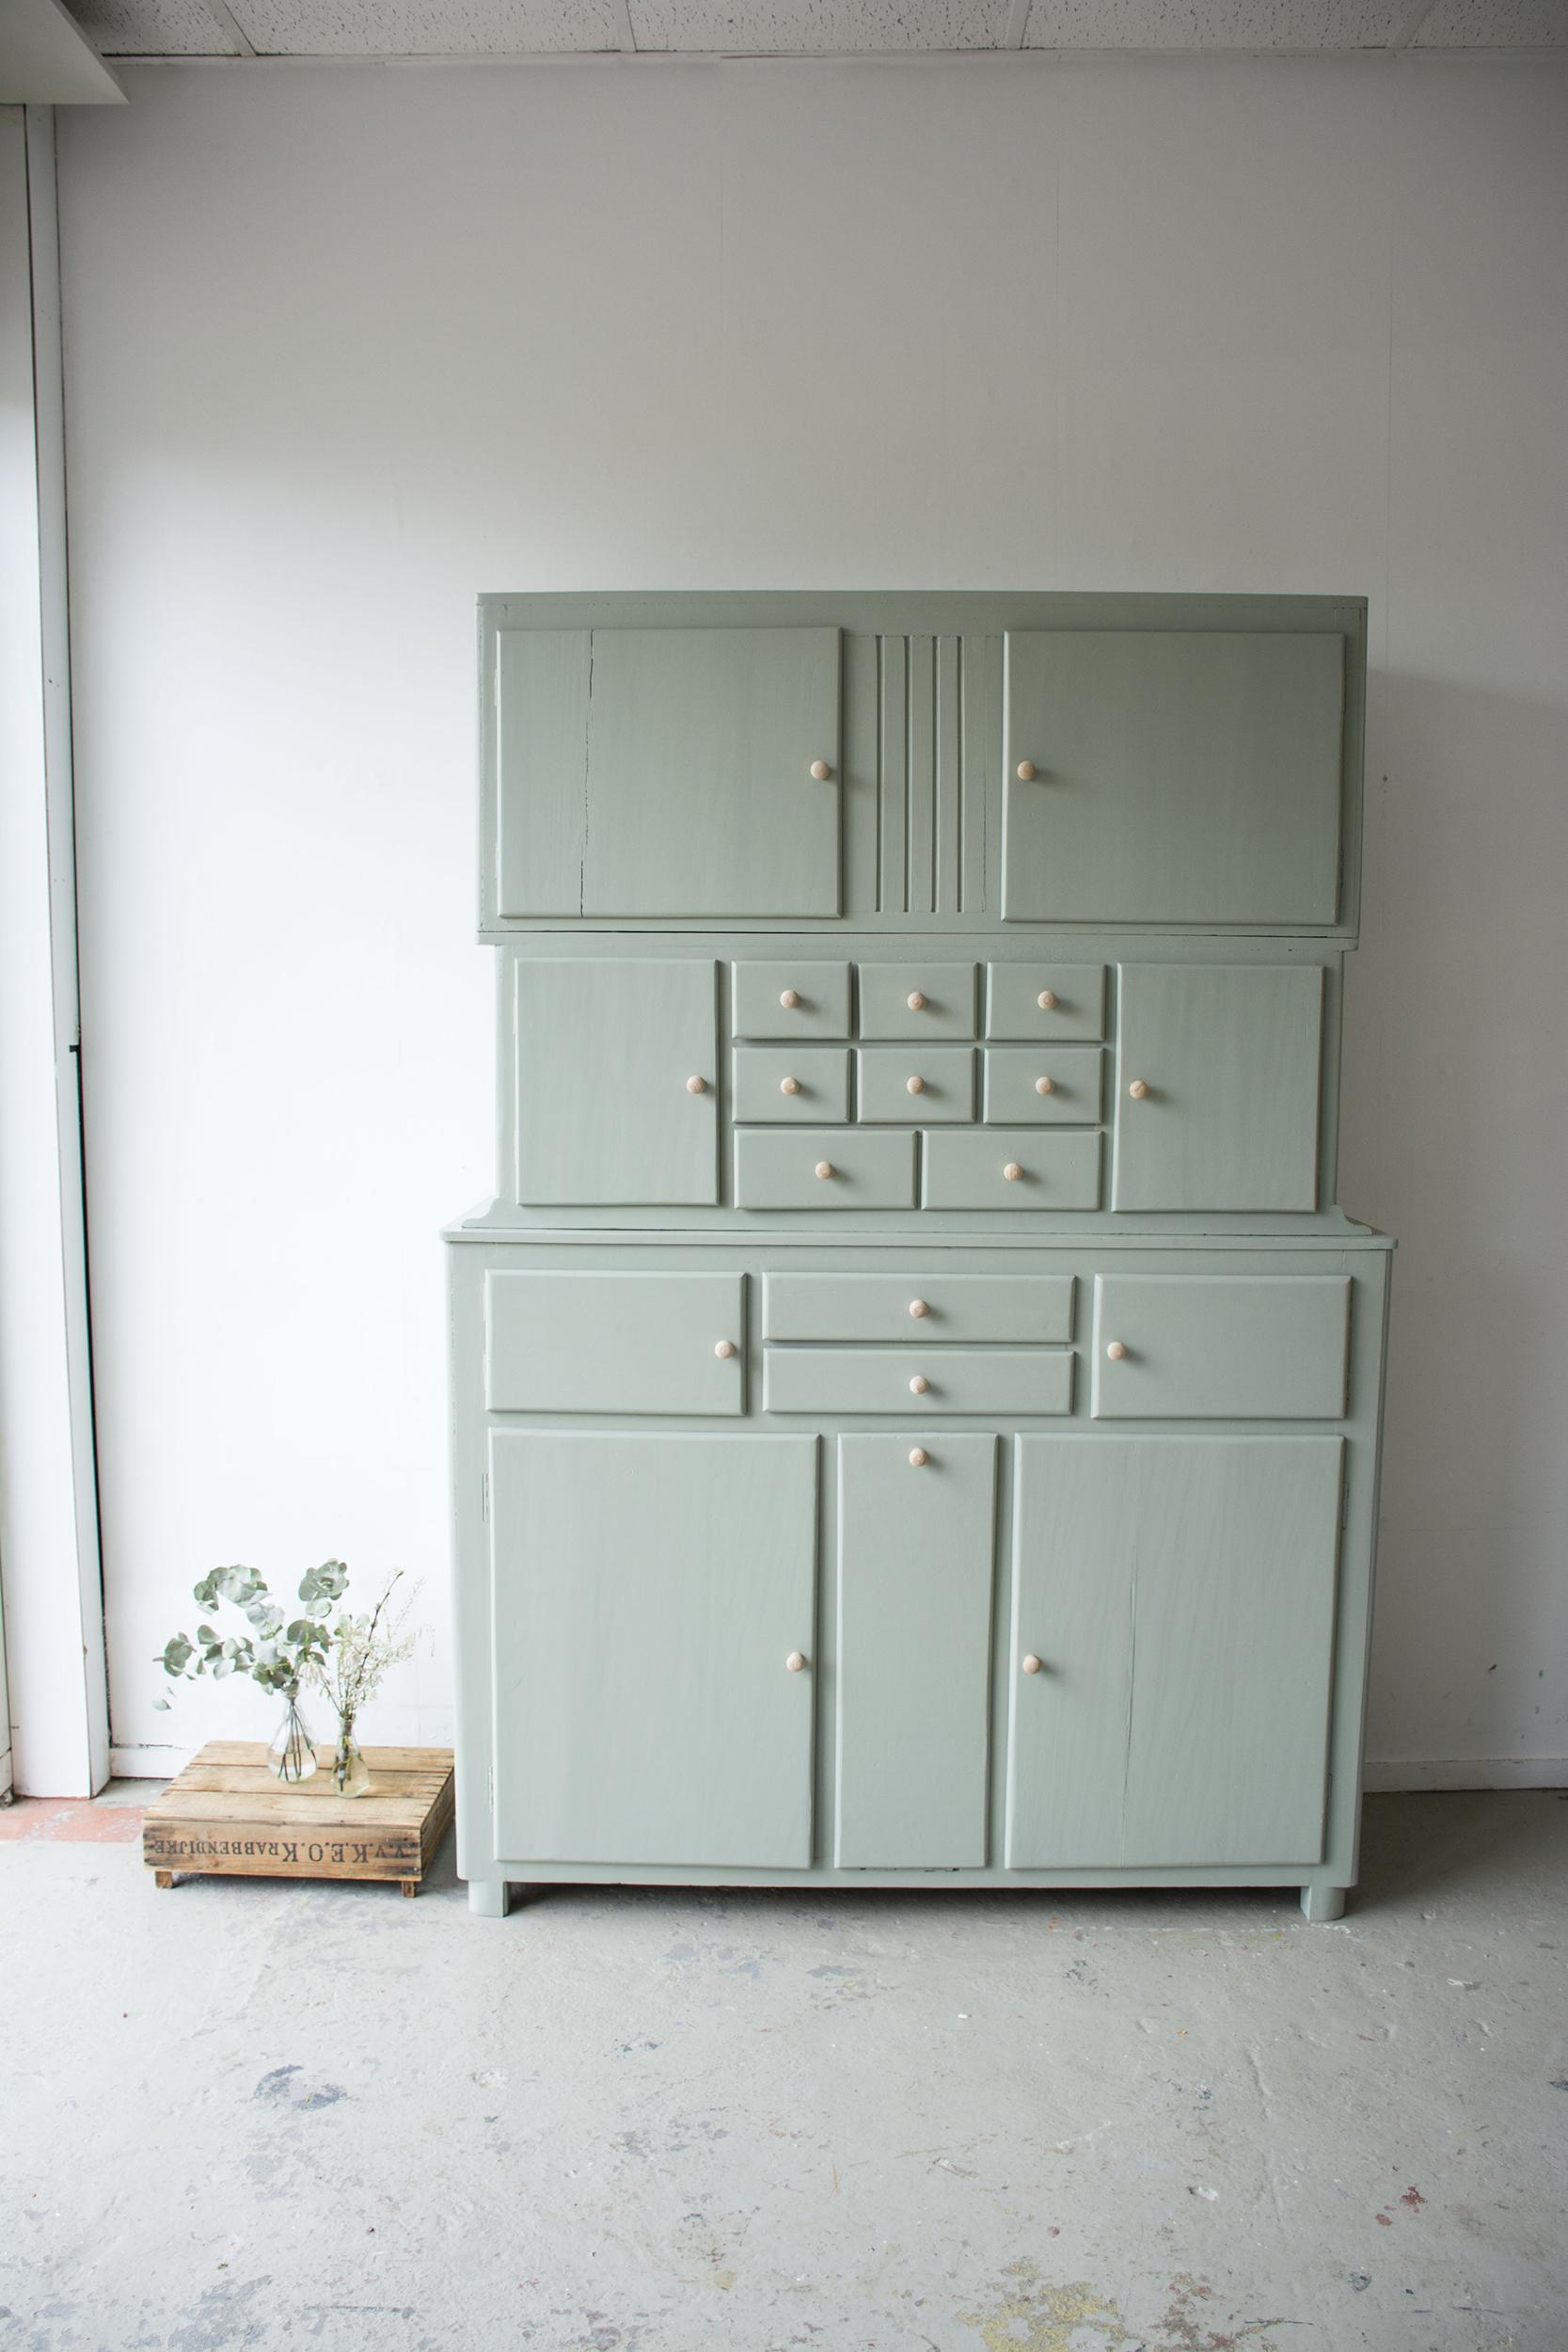 _Grijsgroene driedelige keukenkast - Firma zoethout_7.jpg